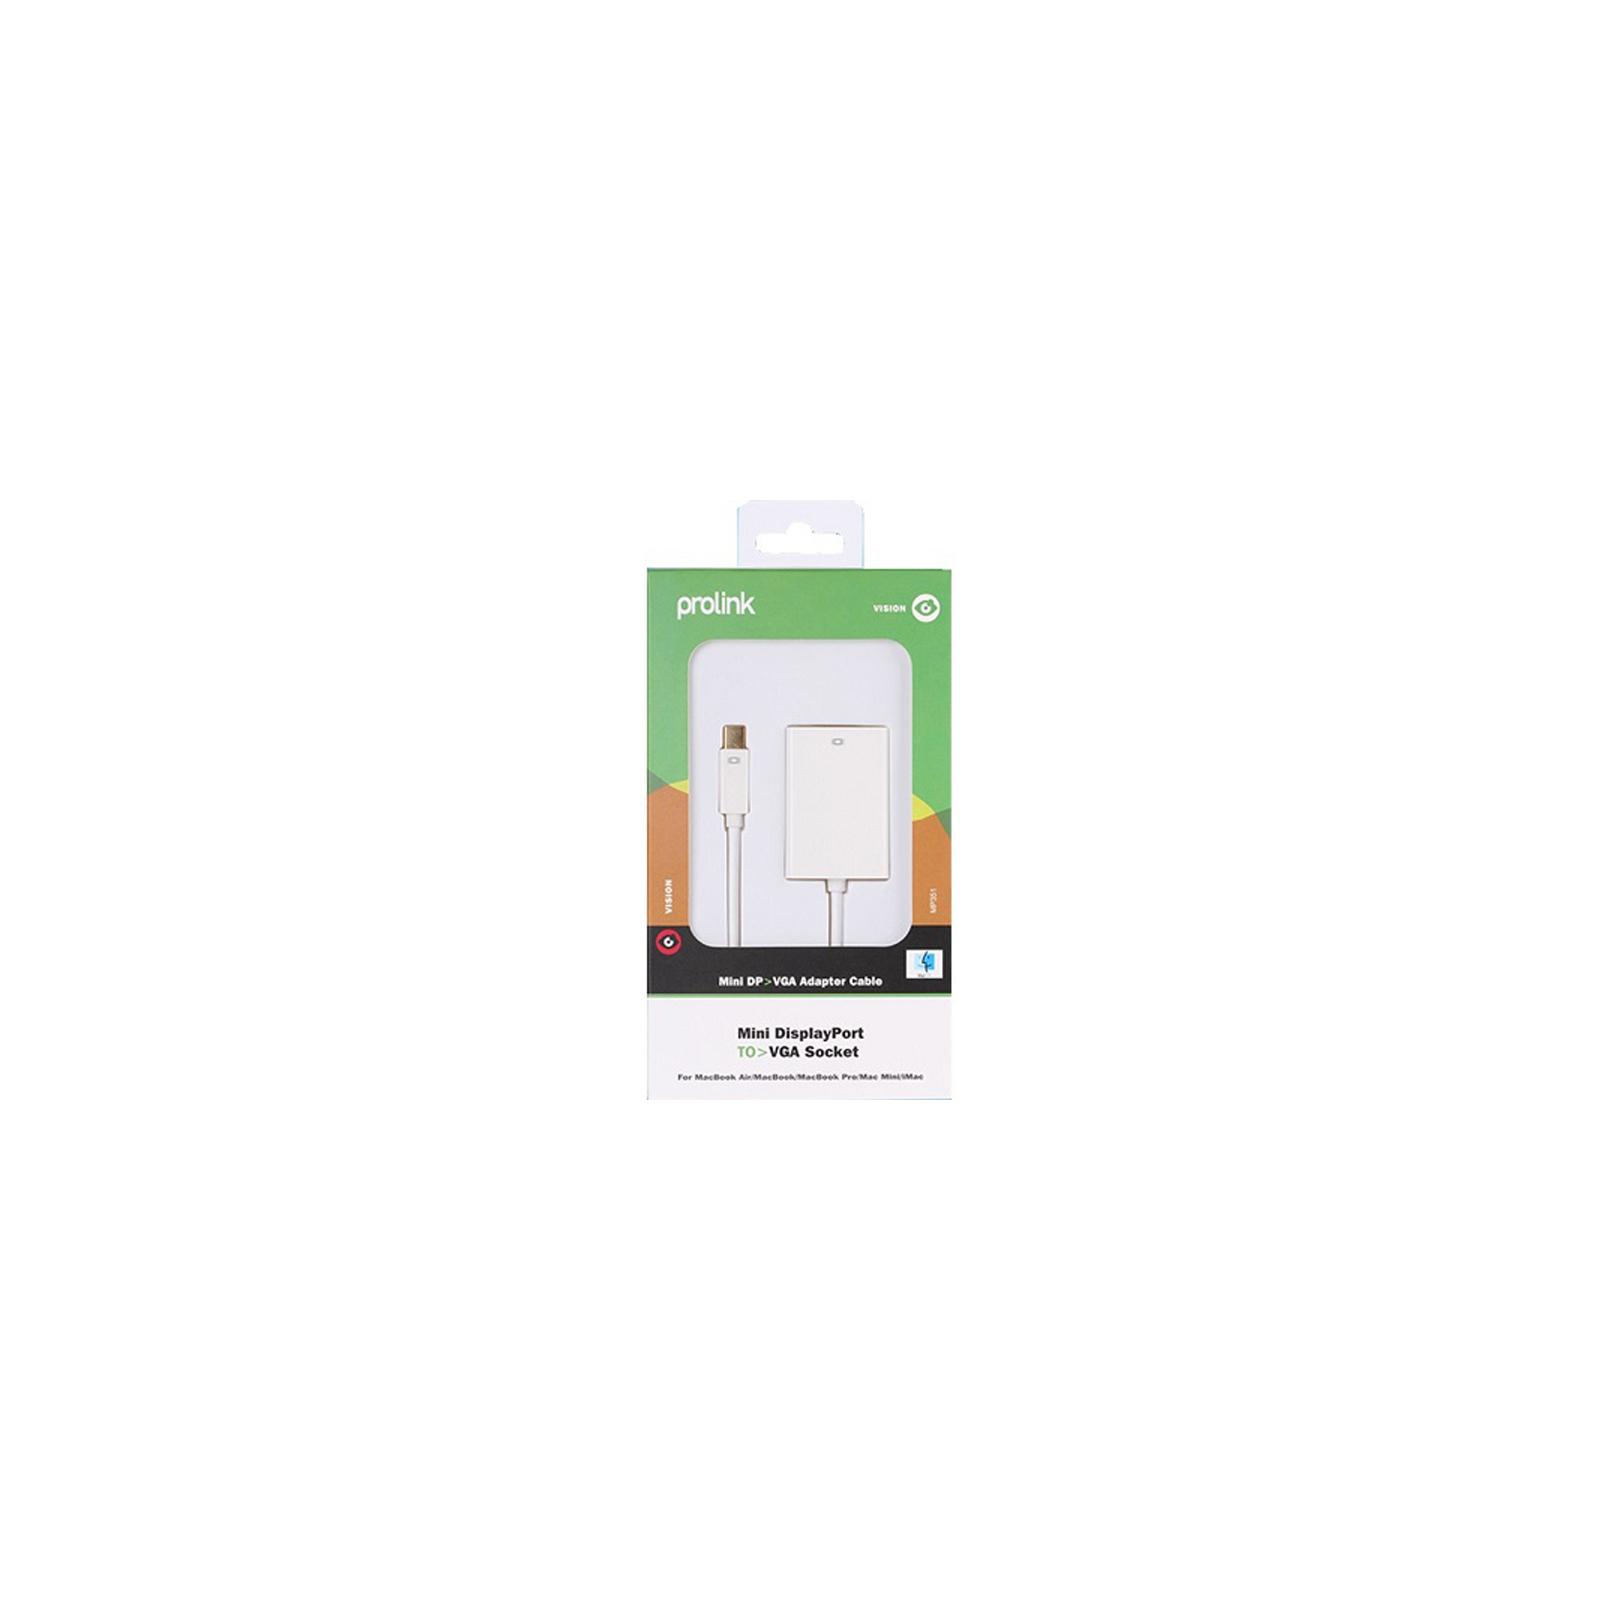 Переходник miniDisplayPort to VGA 0.15m Prolink (MP351) изображение 5